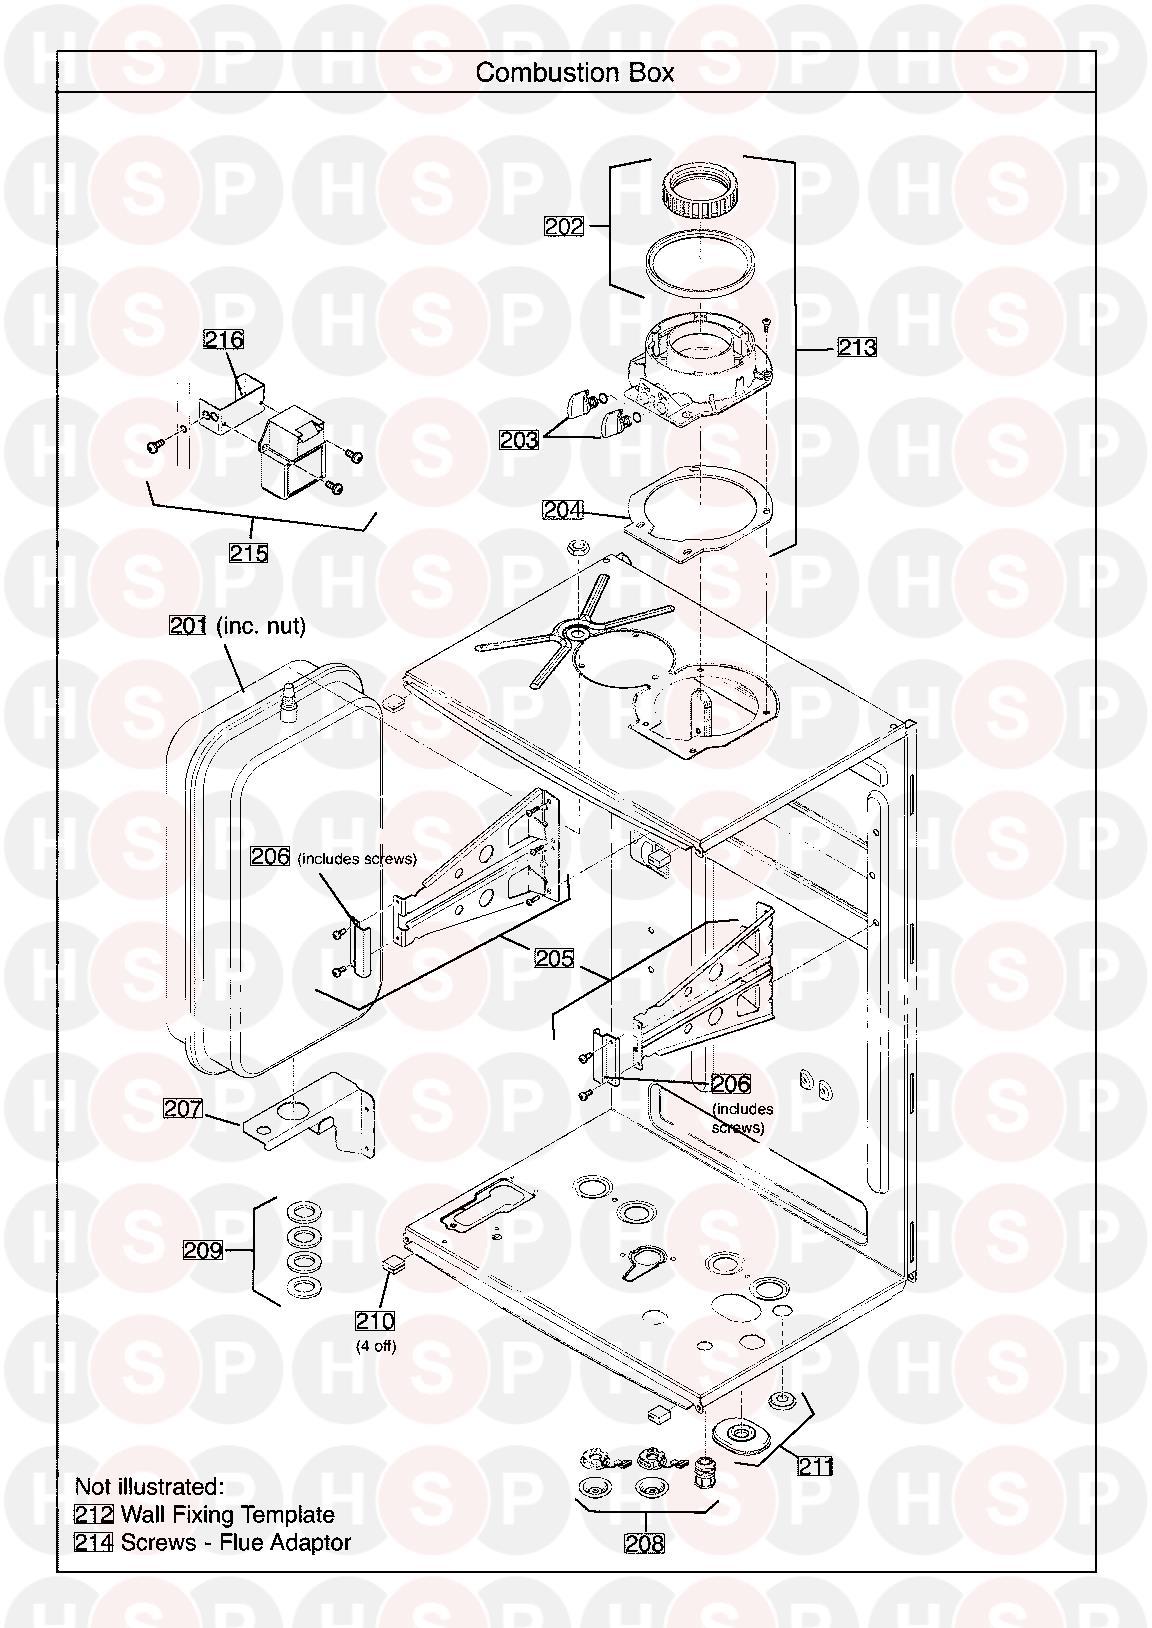 Baxi ADVANCE COMBI 24 ERP Appliance Diagram (COMBUSTION